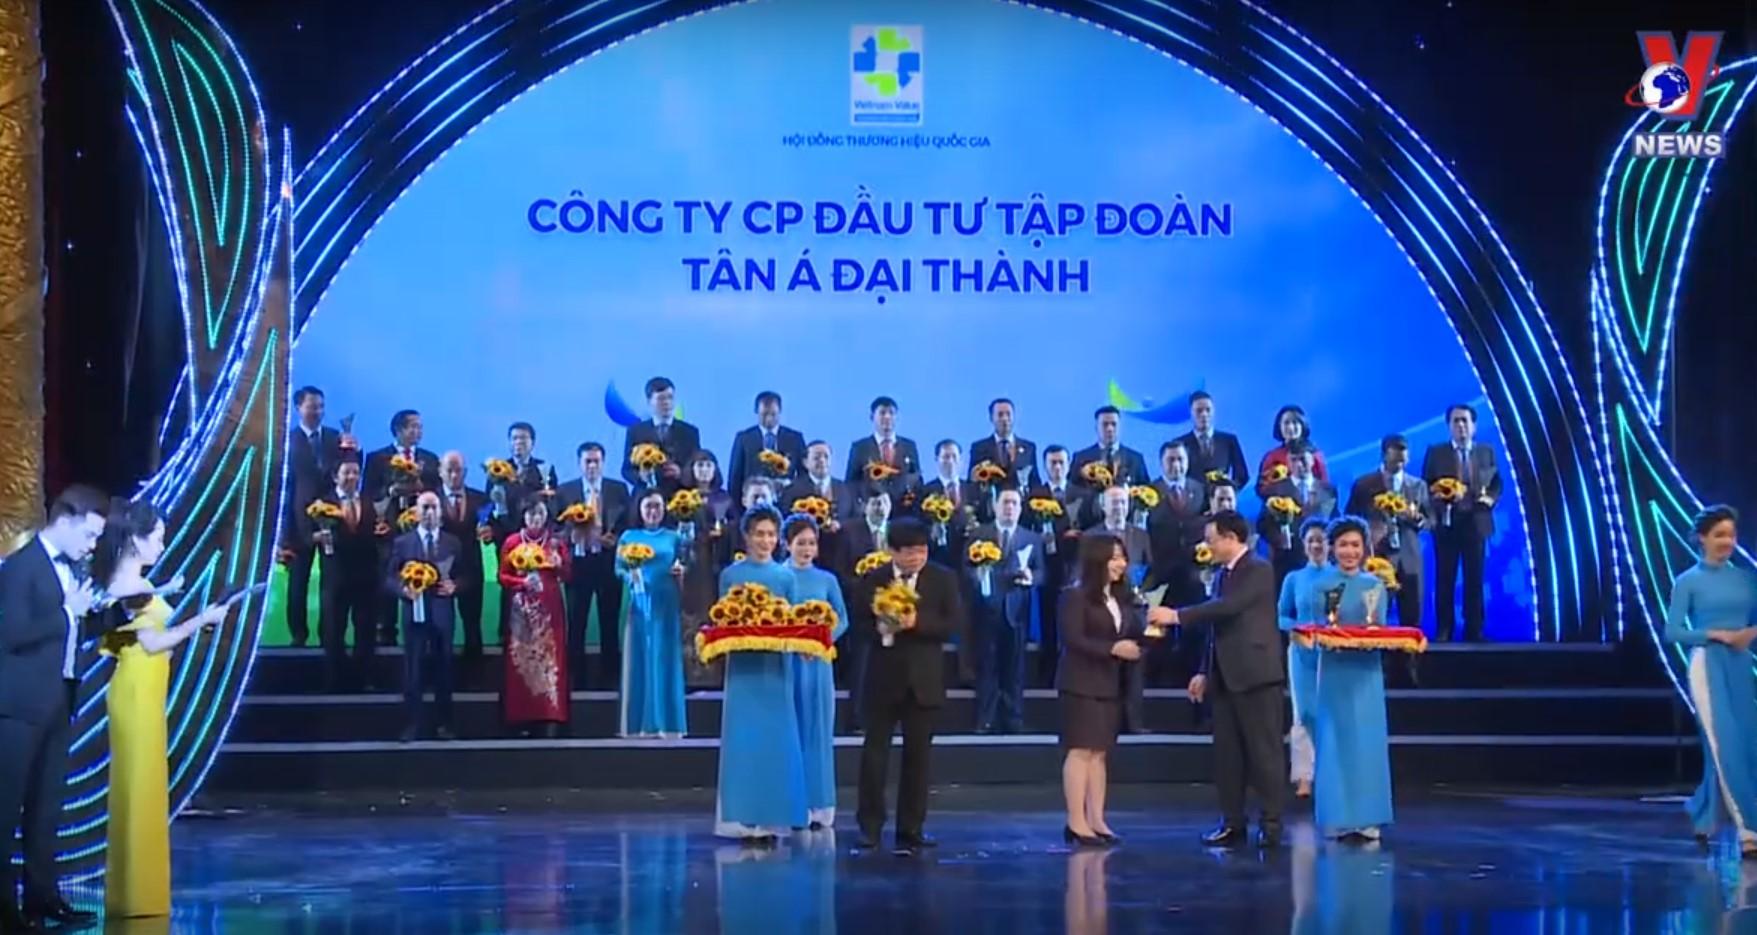 """Tân Á Đại Thành lần thứ 4 liên tiếp được công nhận là """"Thương hiệu Quốc gia"""""""